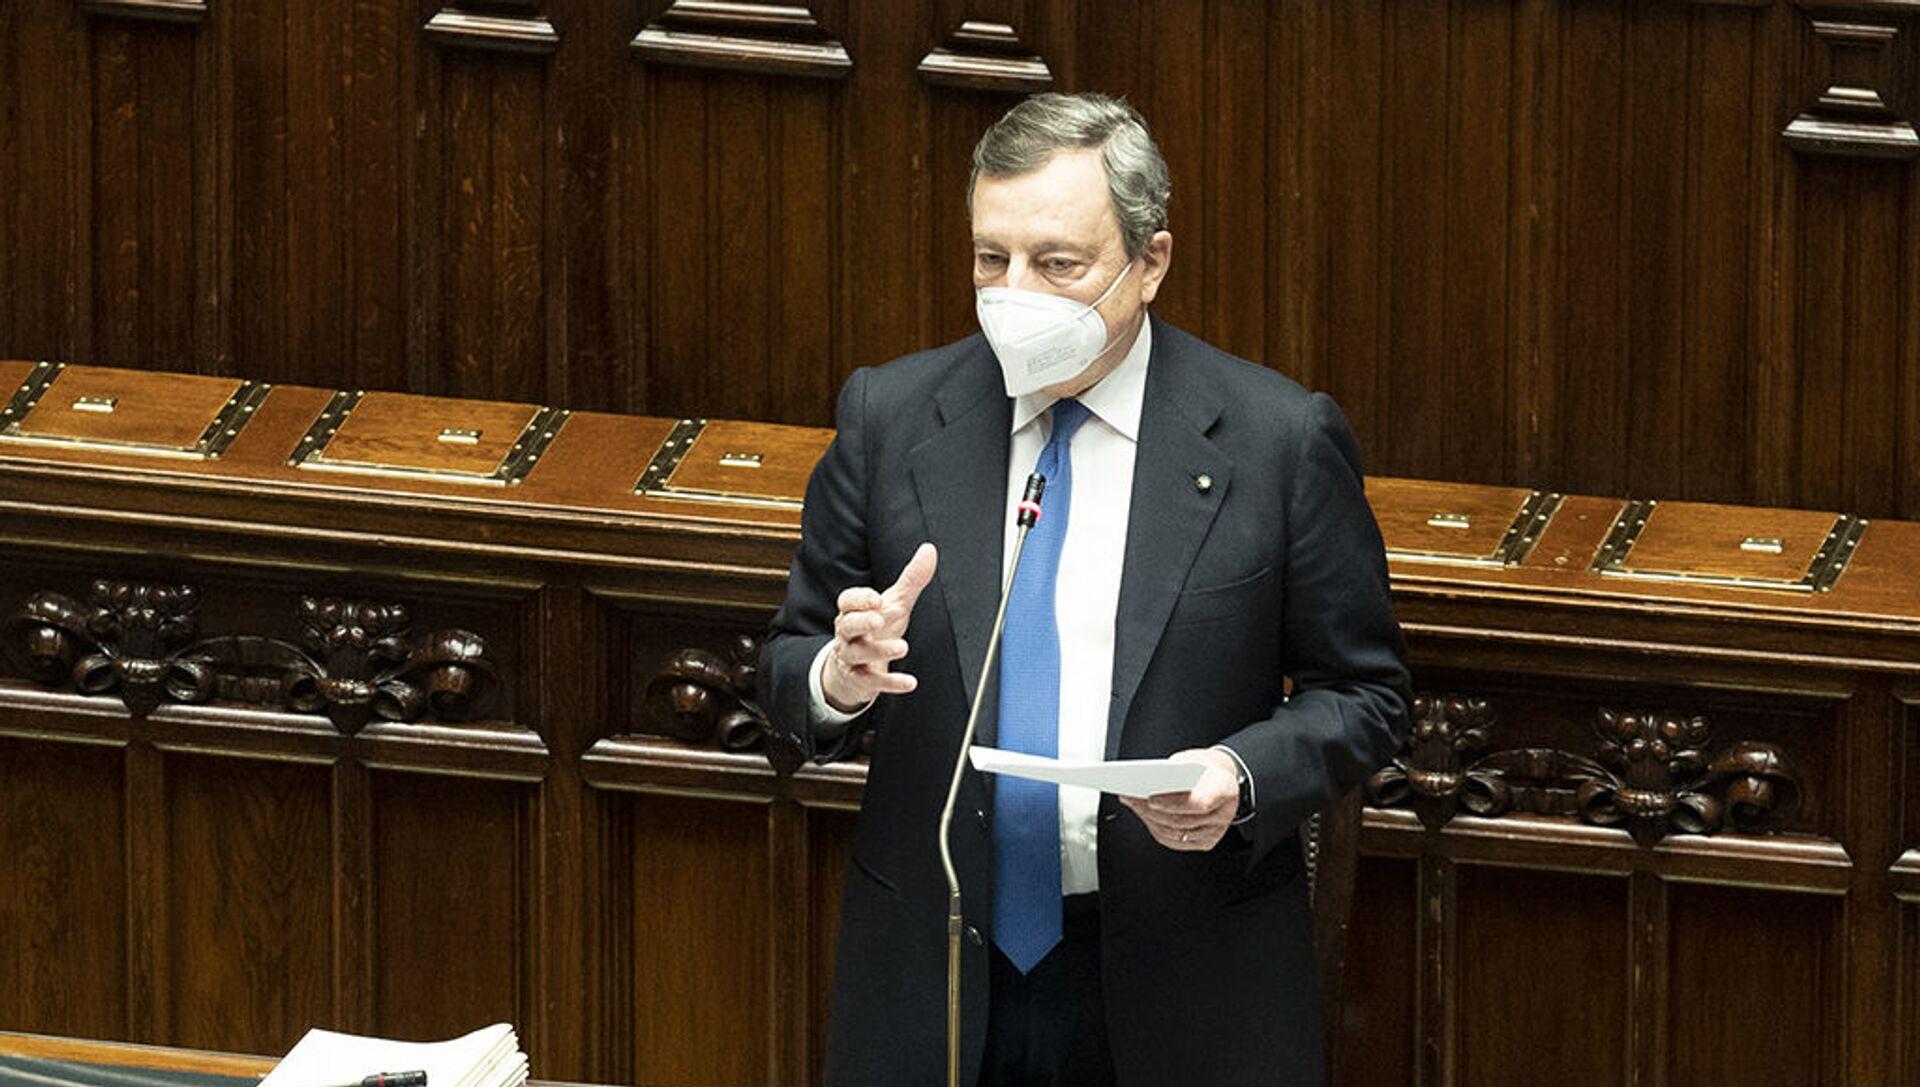 Mario Draghi interviene in parlamento - Sputnik Italia, 1920, 26.04.2021